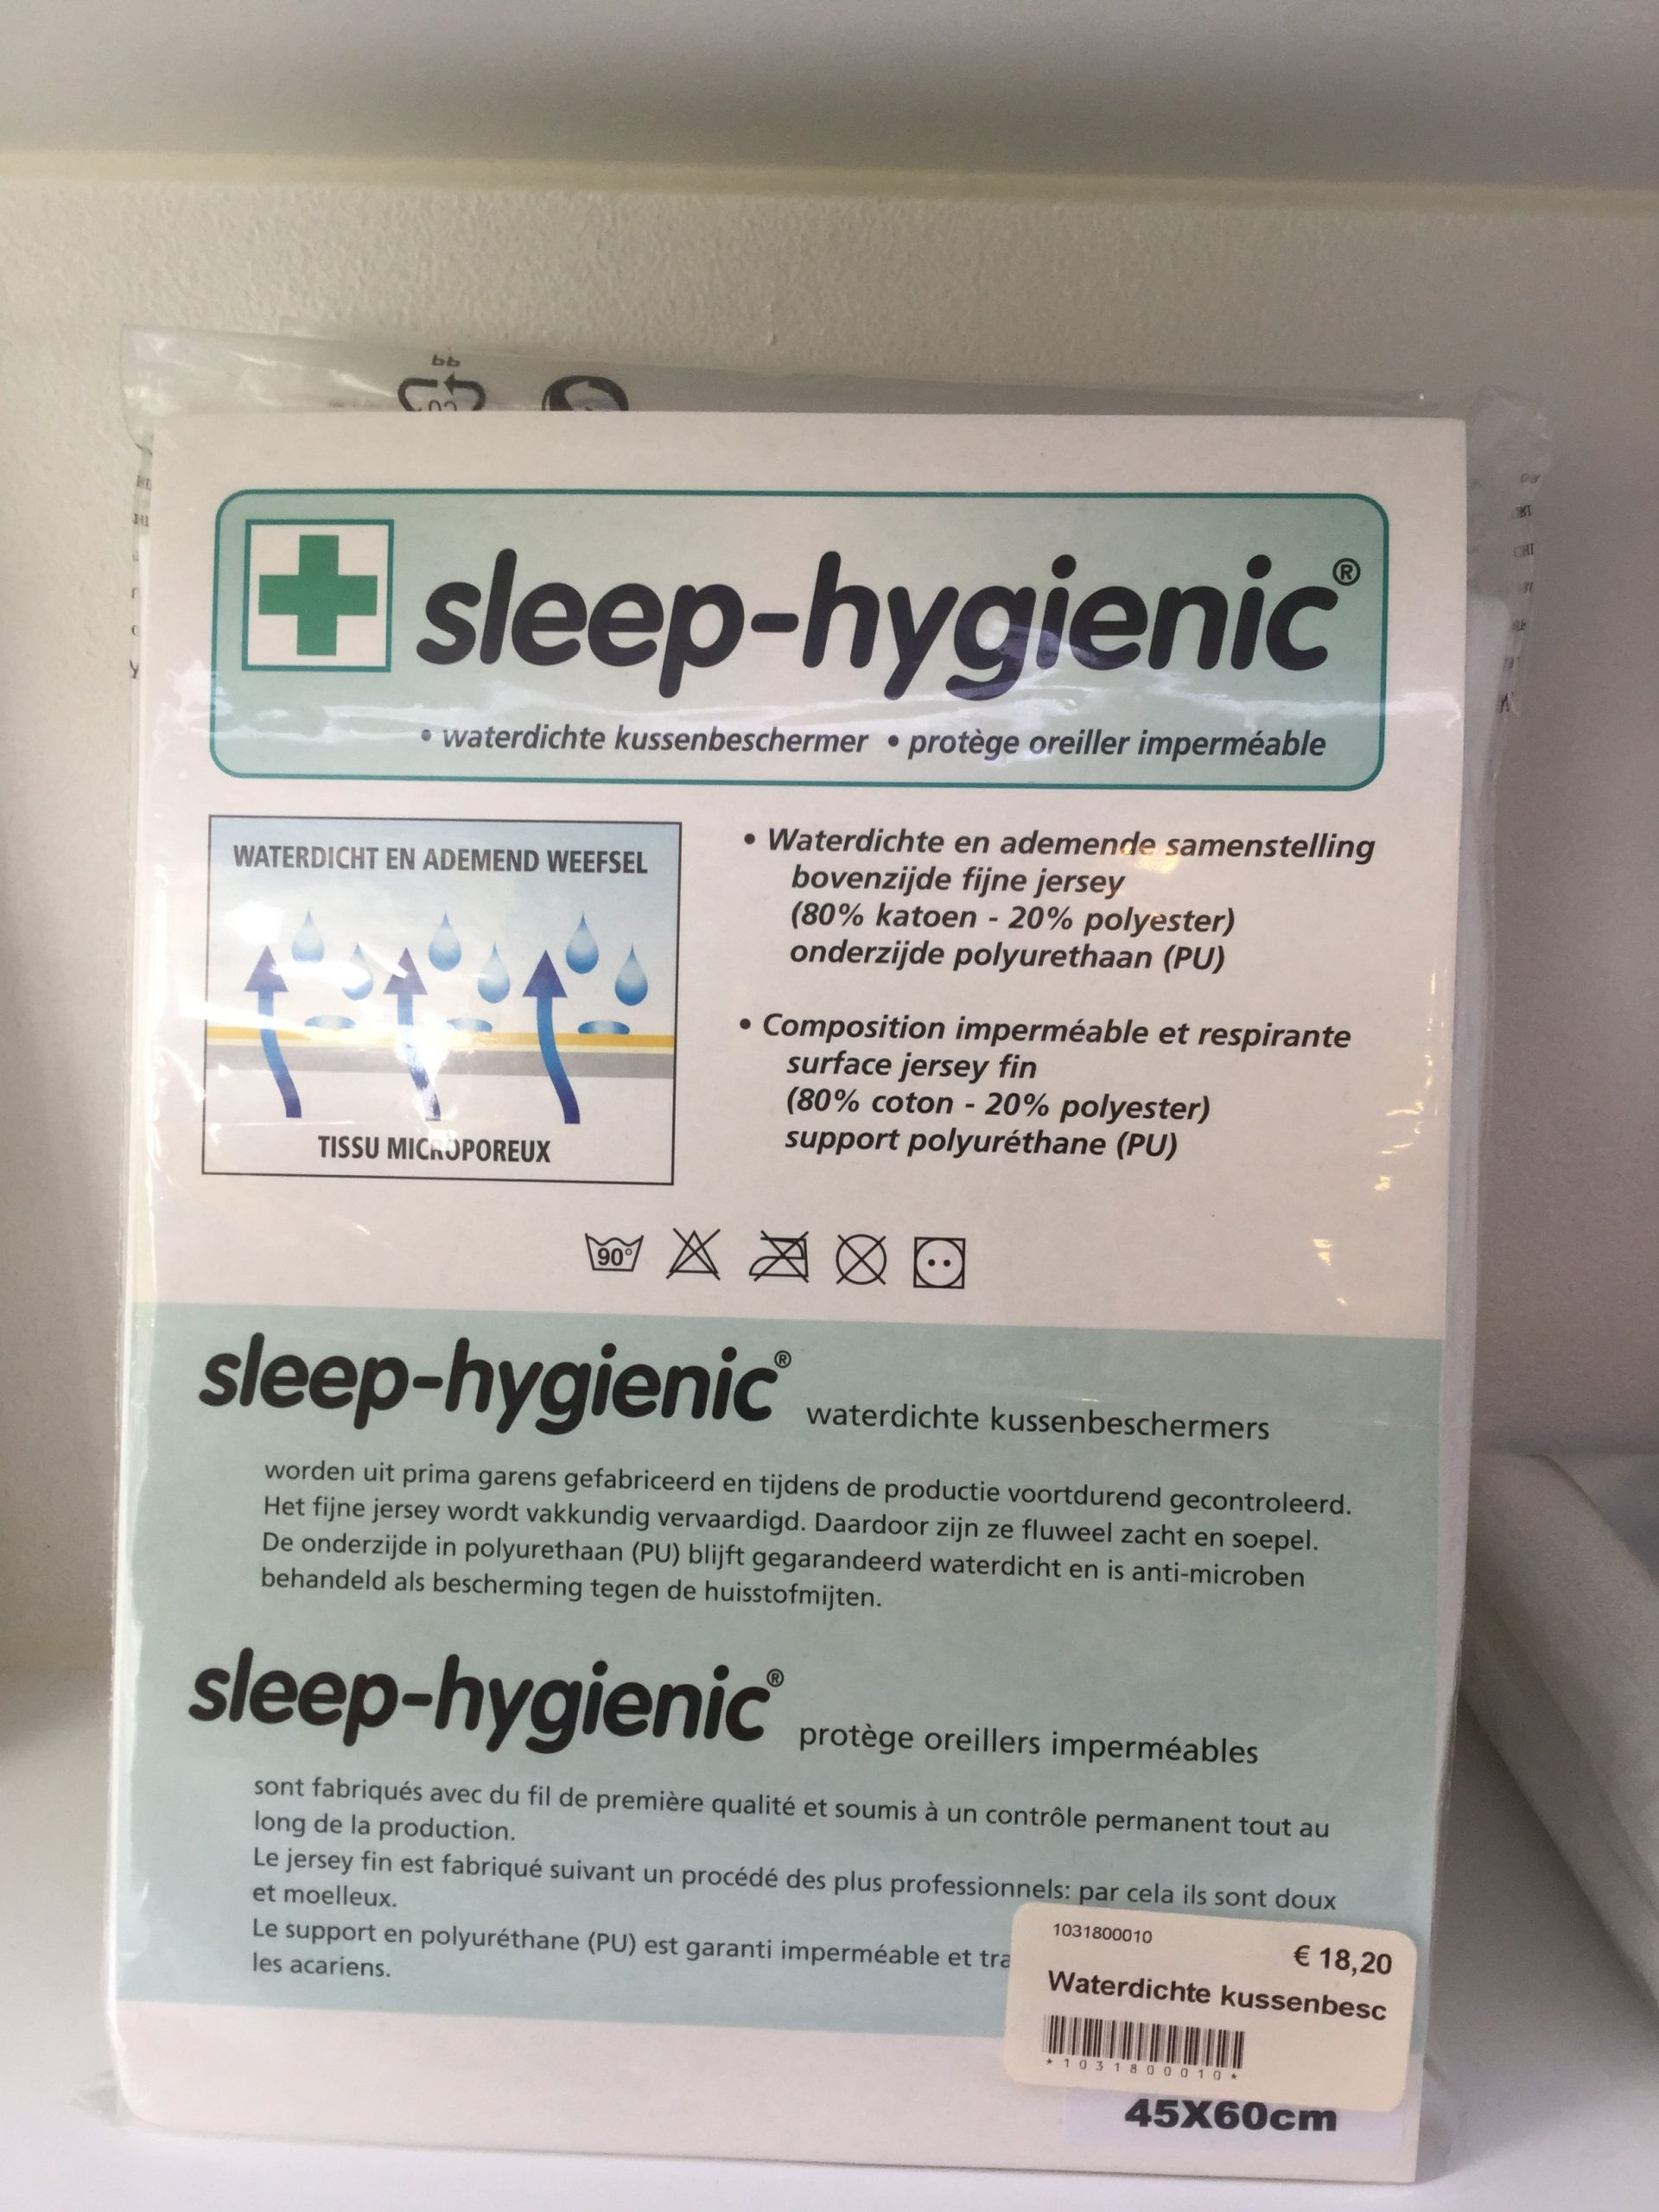 kussenbeschermer sleep-hygienic Image